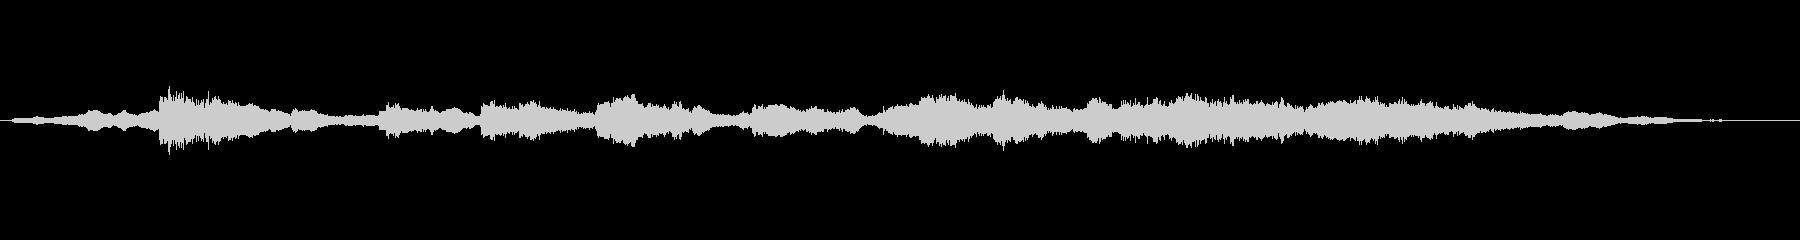 恐怖ホラー系な効果音風の曲の未再生の波形